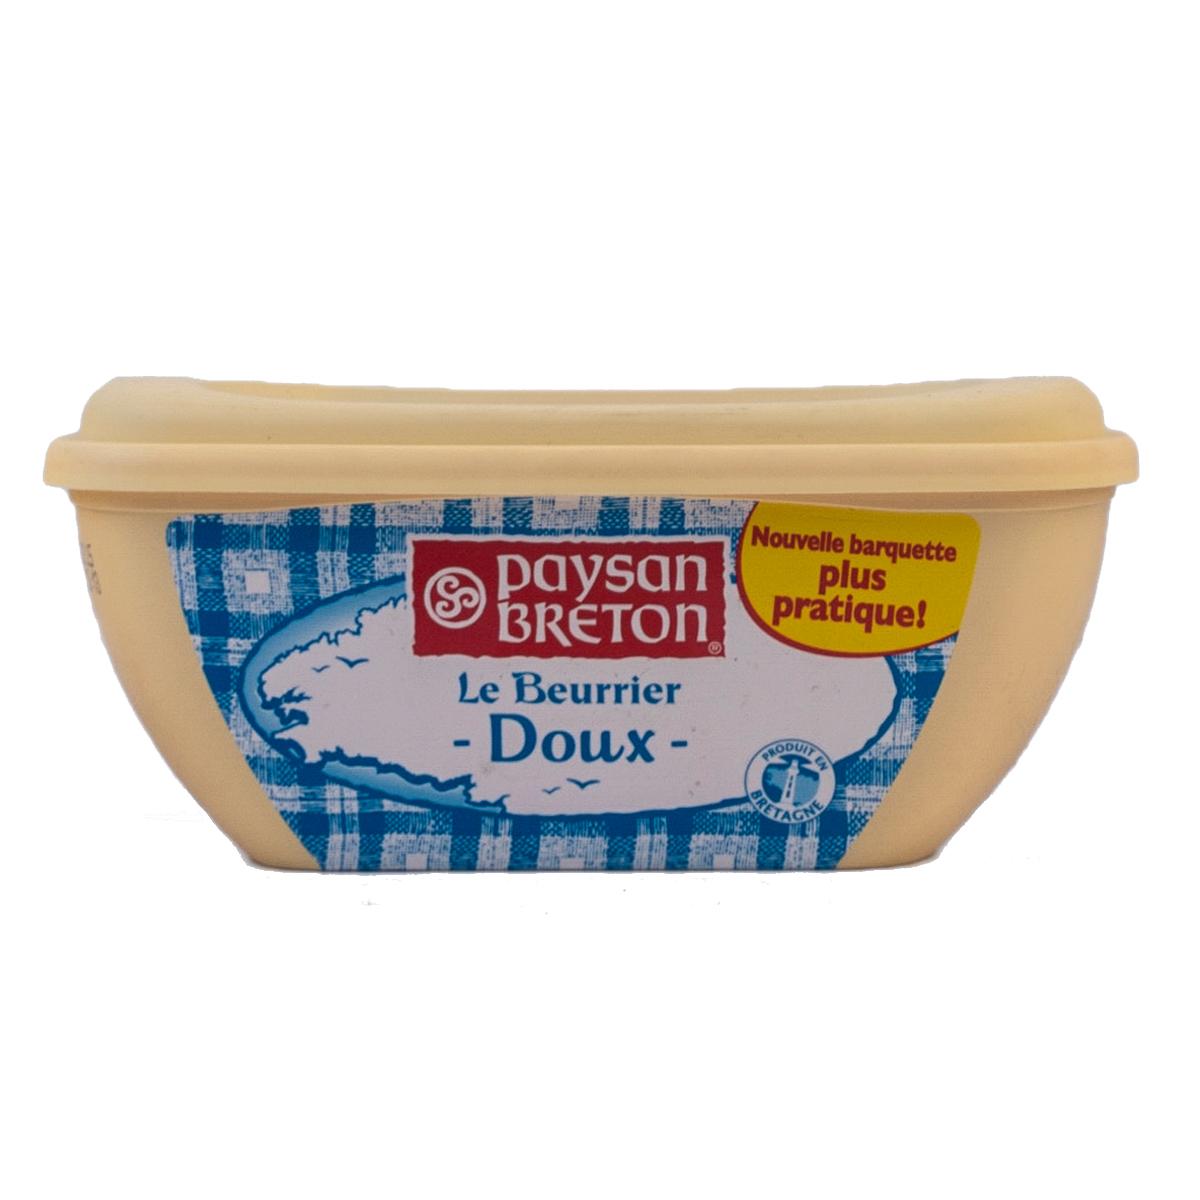 Paysan Breton U/S Butter 250g - Bơ lạt Paysan Breton hộp 250g - Sản phẩm hữu cơ, nhập khẩu